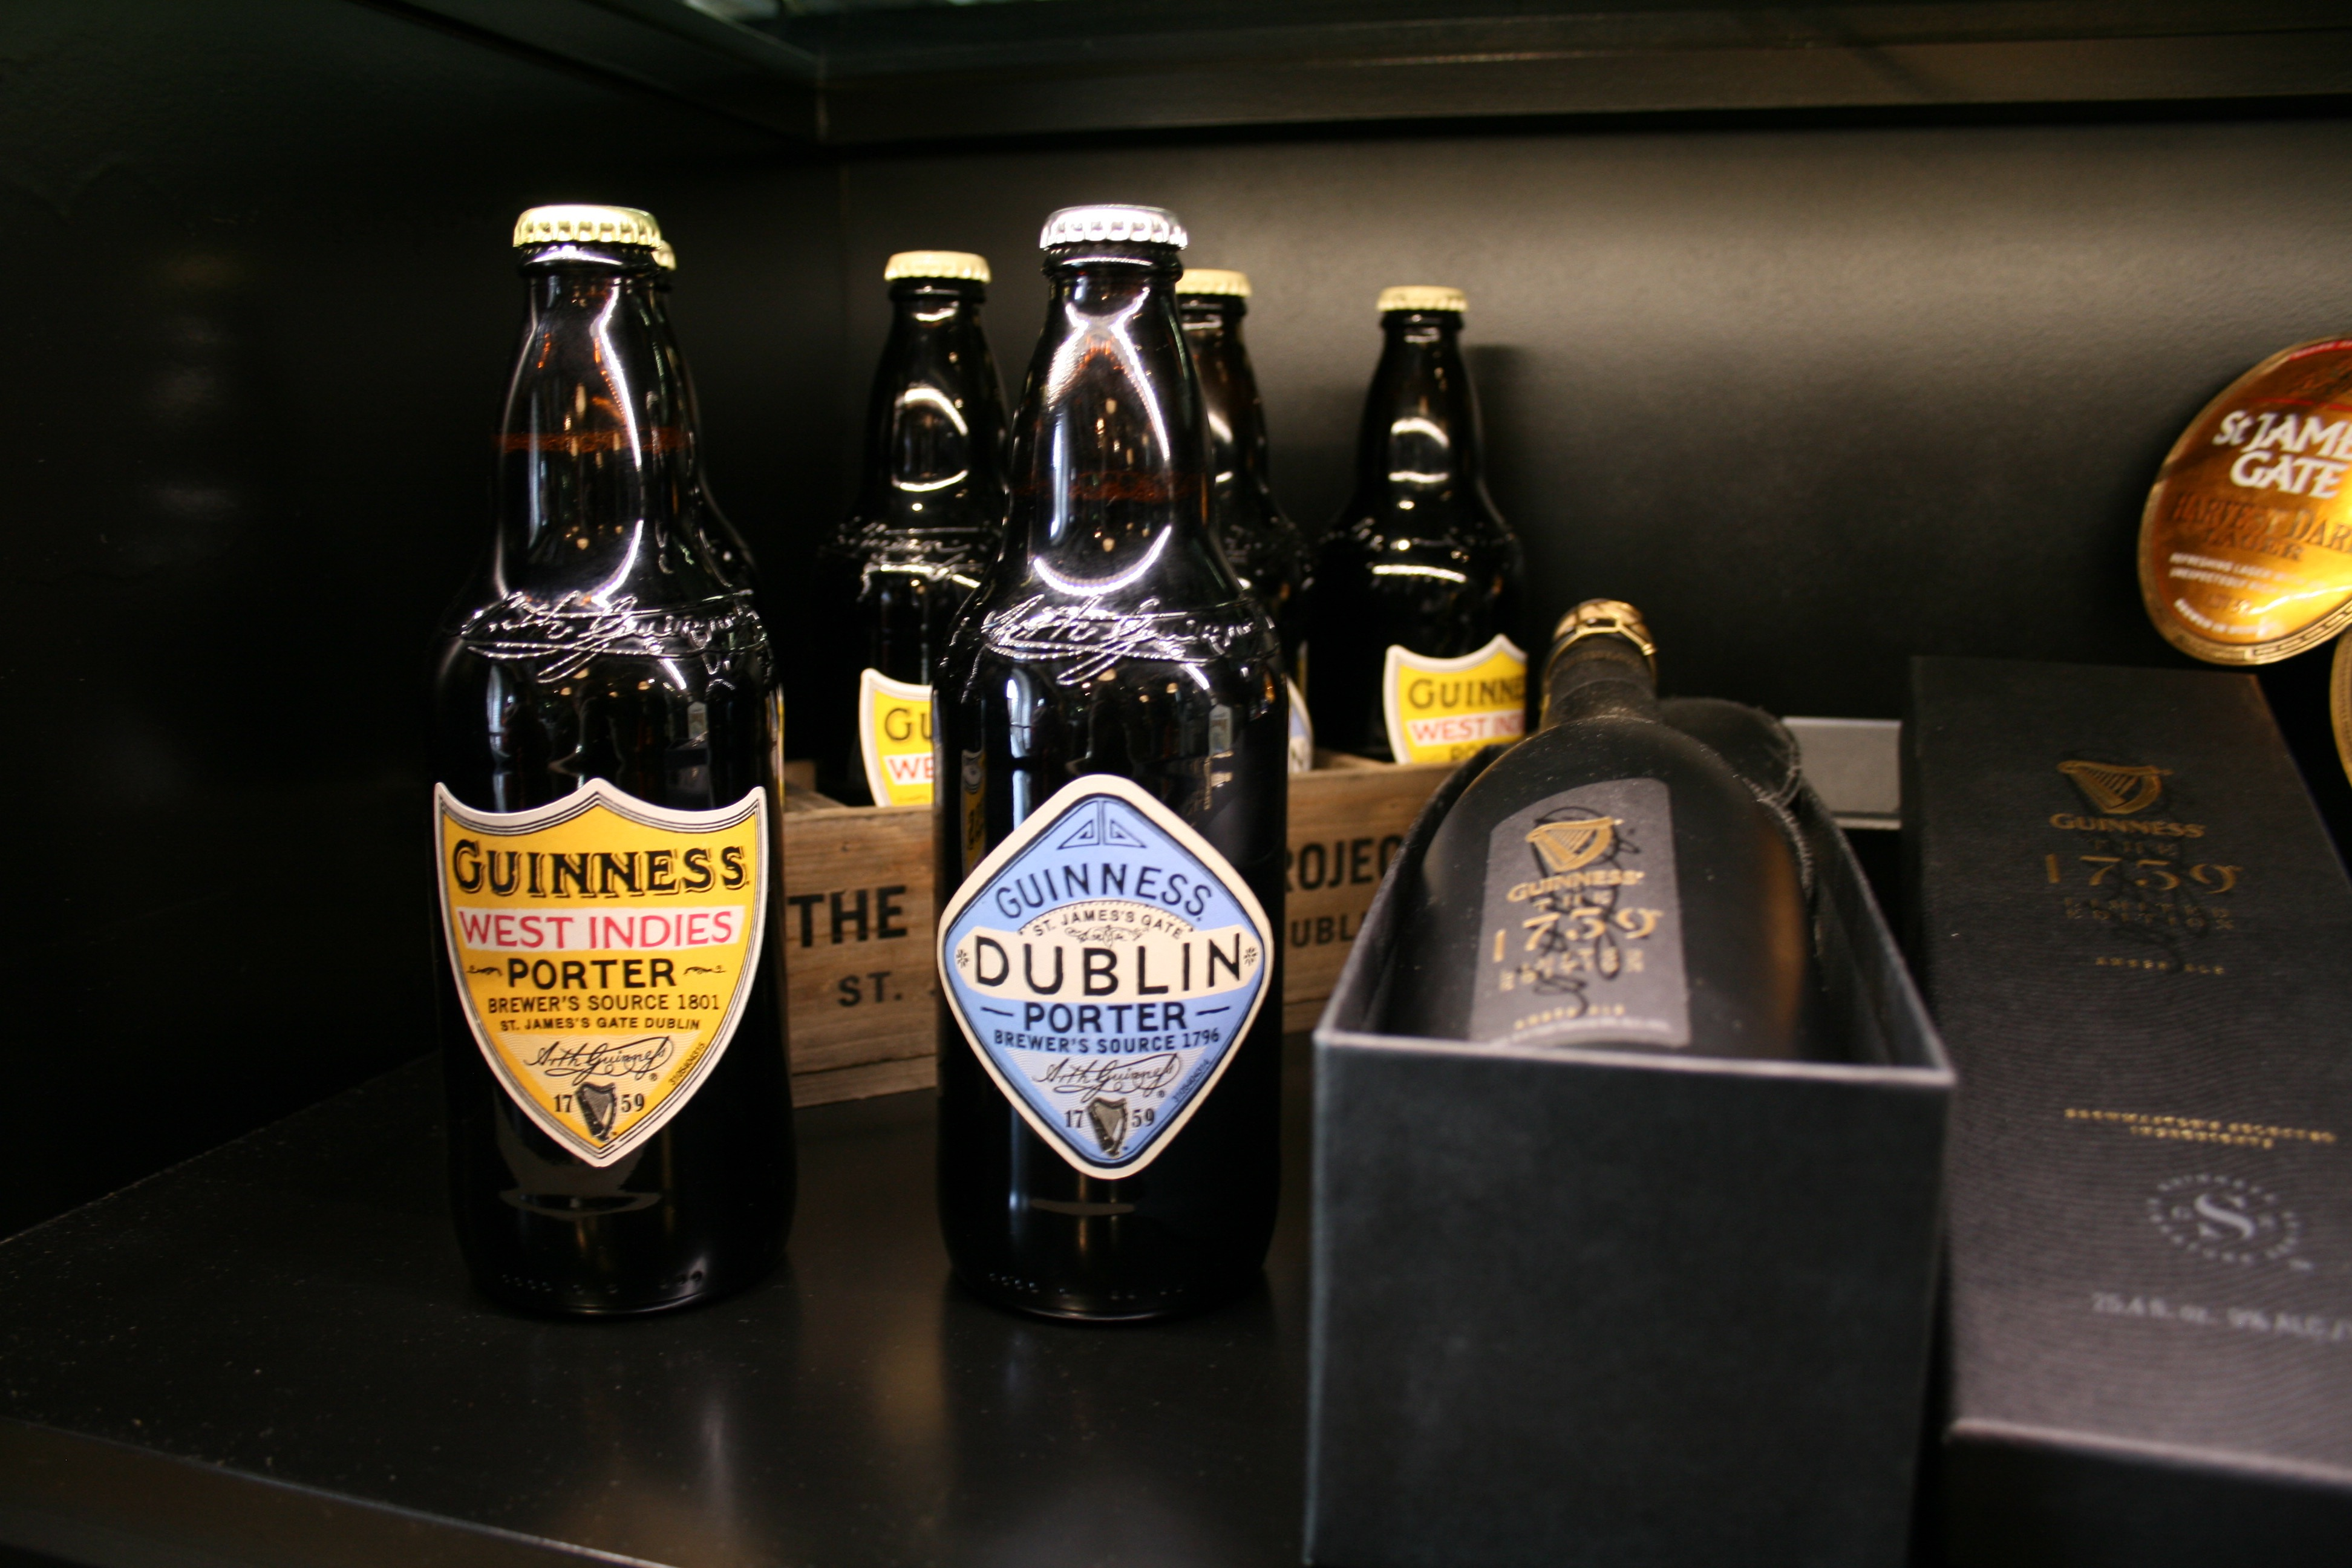 Bottles of Guinness West Indies Porter and Guinness Dublin Porter inside the Guinness Archives alongside Guinness The 1759 bottle.